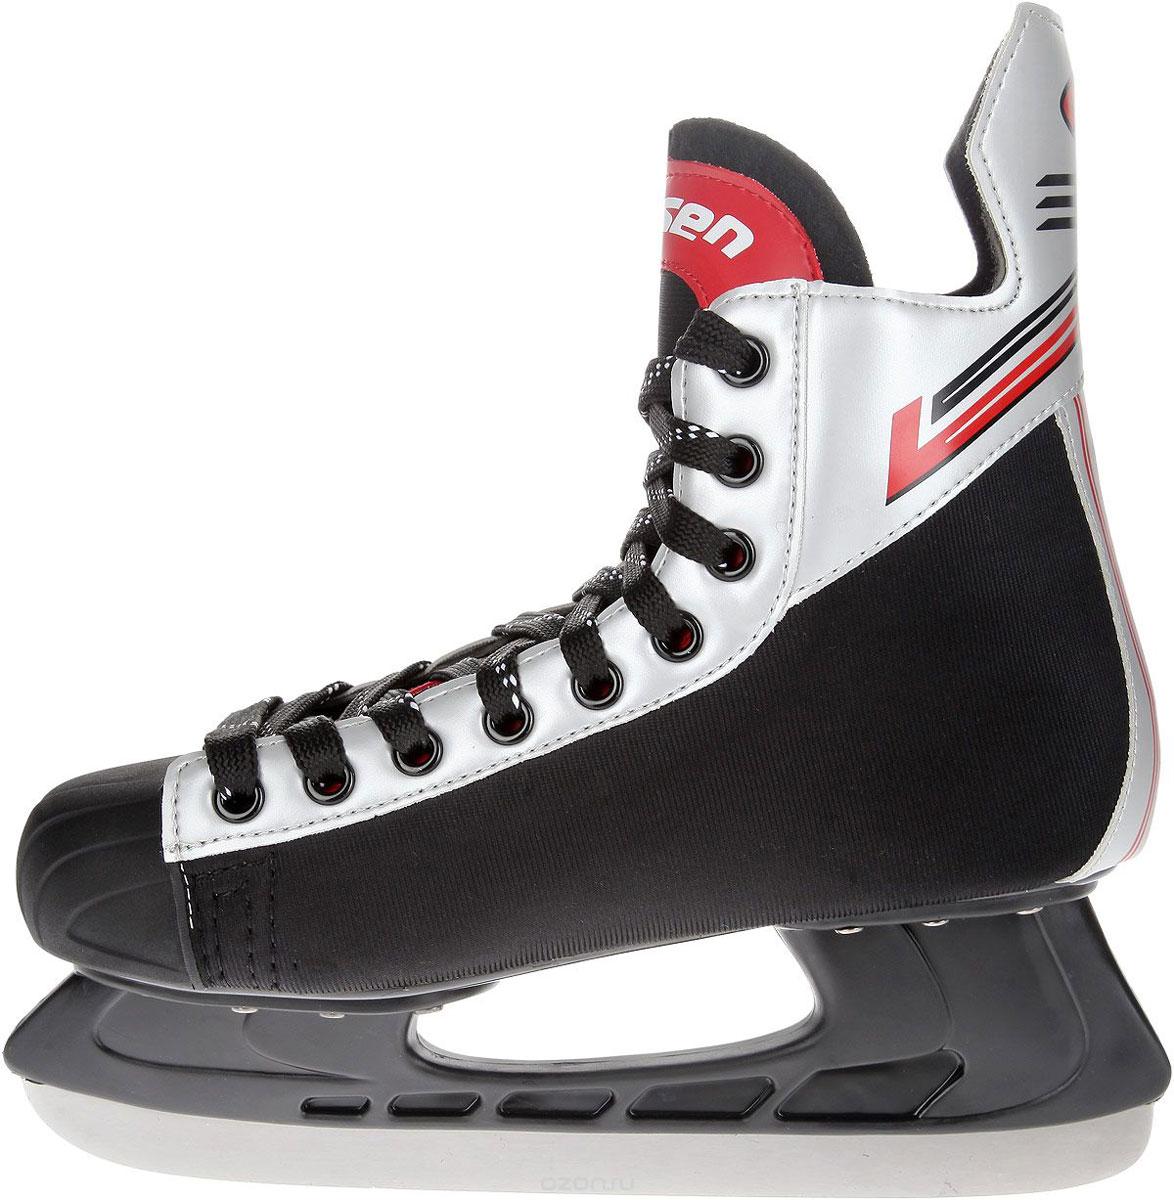 Коньки хоккейные мужские Larsen Alex, цвет: черный, серебристый, красный. Размер 45Alex_черный, серебристый, красный_45Стильные коньки Alex от Larsen прекрасно подойдут для начинающих игроков в хоккей. Ботиноквыполнен из нейлона и морозоустойчивого поливинилхлорида. Мыс дополнен вставкой изполиуретана, которая защитит ноги от ударов. Внутренний слой изготовлен из мягкого текстиля,который обеспечит тепло и комфорт во время катания, язычок - из войлока. Плотная шнуровканадежно фиксирует модель на ноге. Голеностоп имеет удобный суппорт. Стелька из EVA стекстильной поверхностью обеспечит комфортное катание. Стойка выполнена изударопрочного полипропилена. Лезвие из нержавеющей стали обеспечит превосходноескольжение. В комплект входят пластиковые чехлы для лезвий.